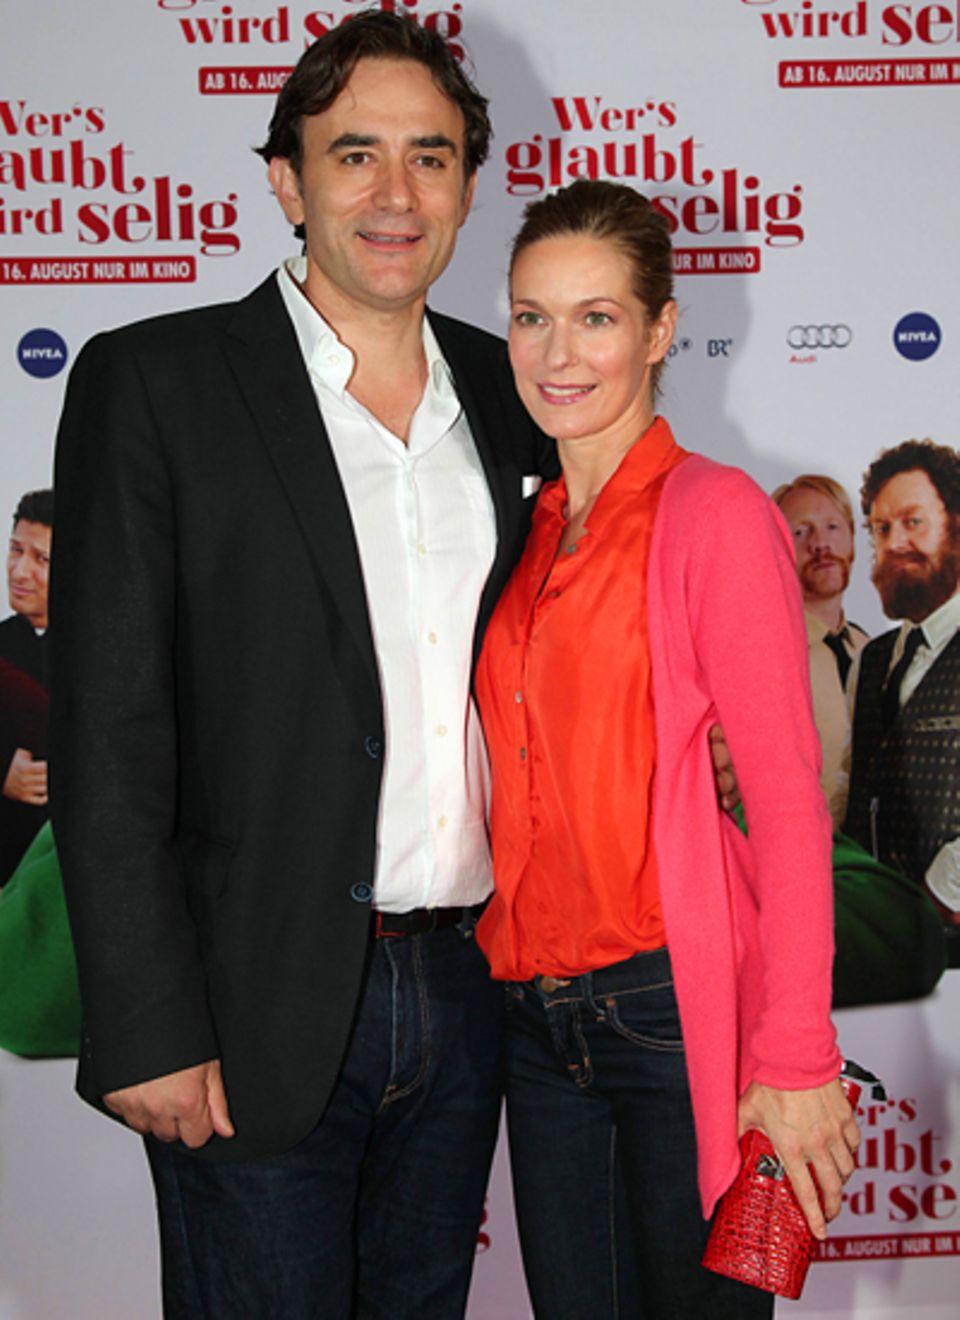 Wer's glaubt wird selig: Die Schauspielerin Lisa Martinek sieht sich den Film mit ihrem Mann Giulio an.